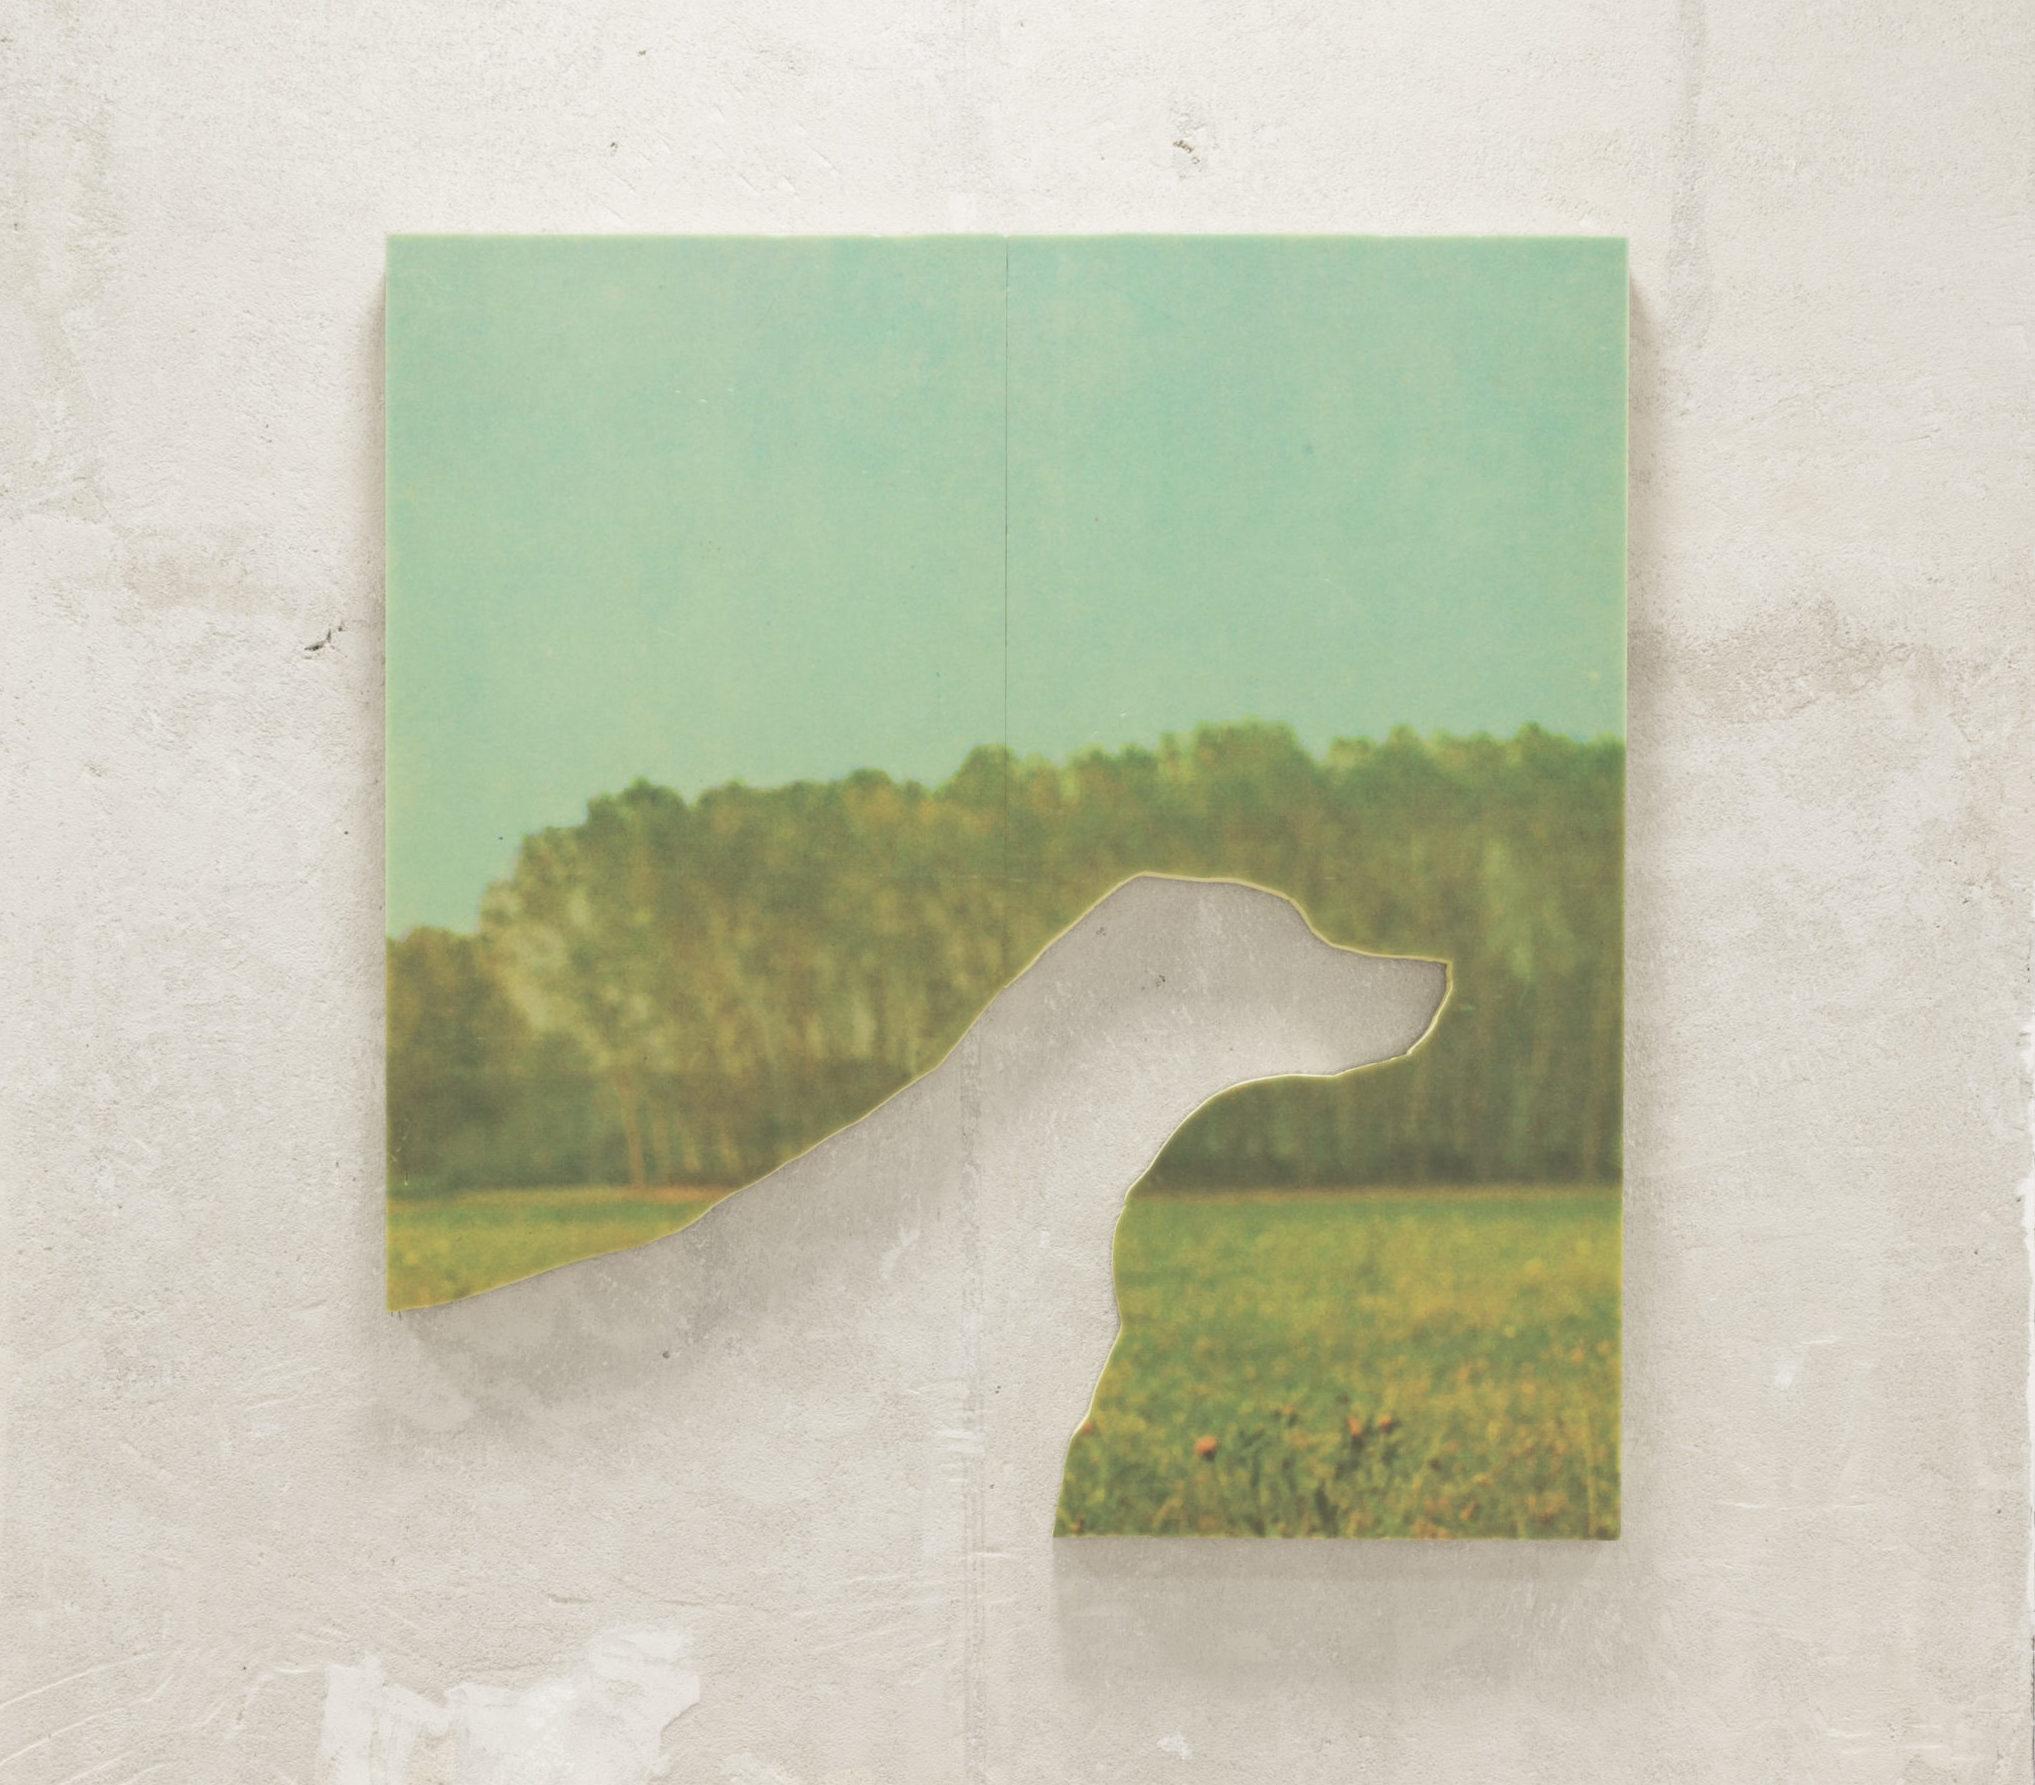 Seduzione o inganno? L'arte si fa cacciatrice nelle opere di Edoardo Manzoni, a Milano